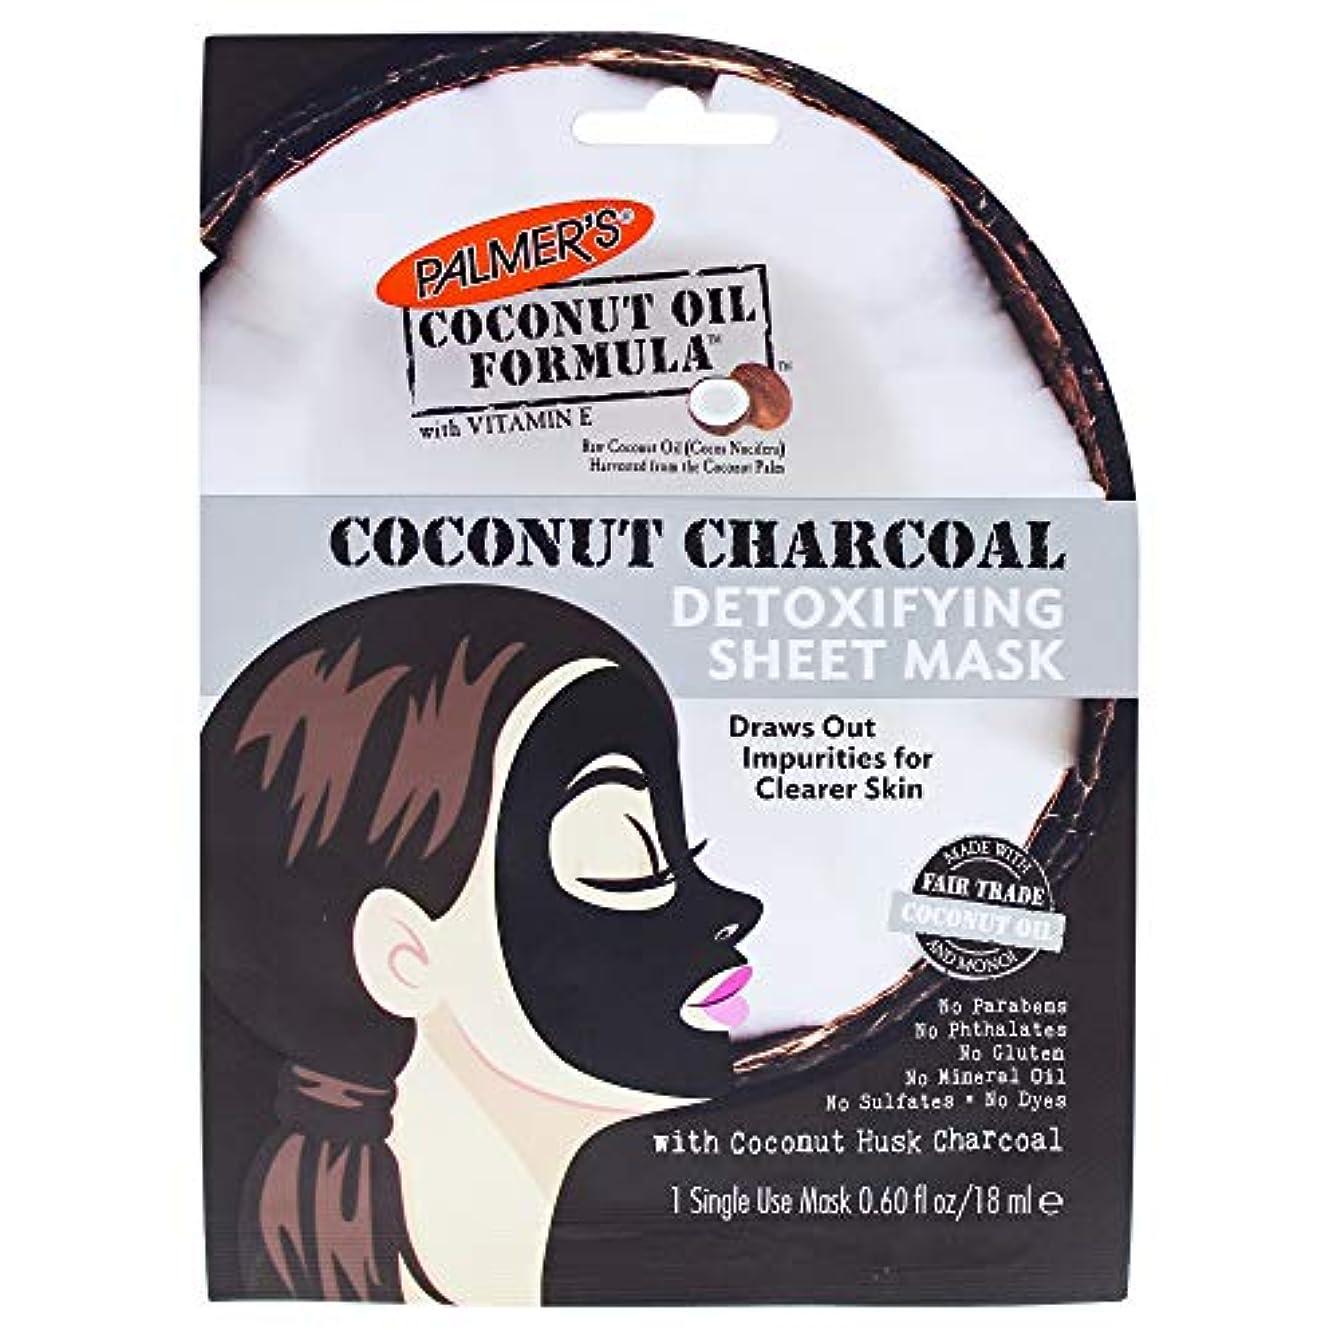 持ってる記事ダイジェストCoconut Charcoal Detoxifying Sheet Mask